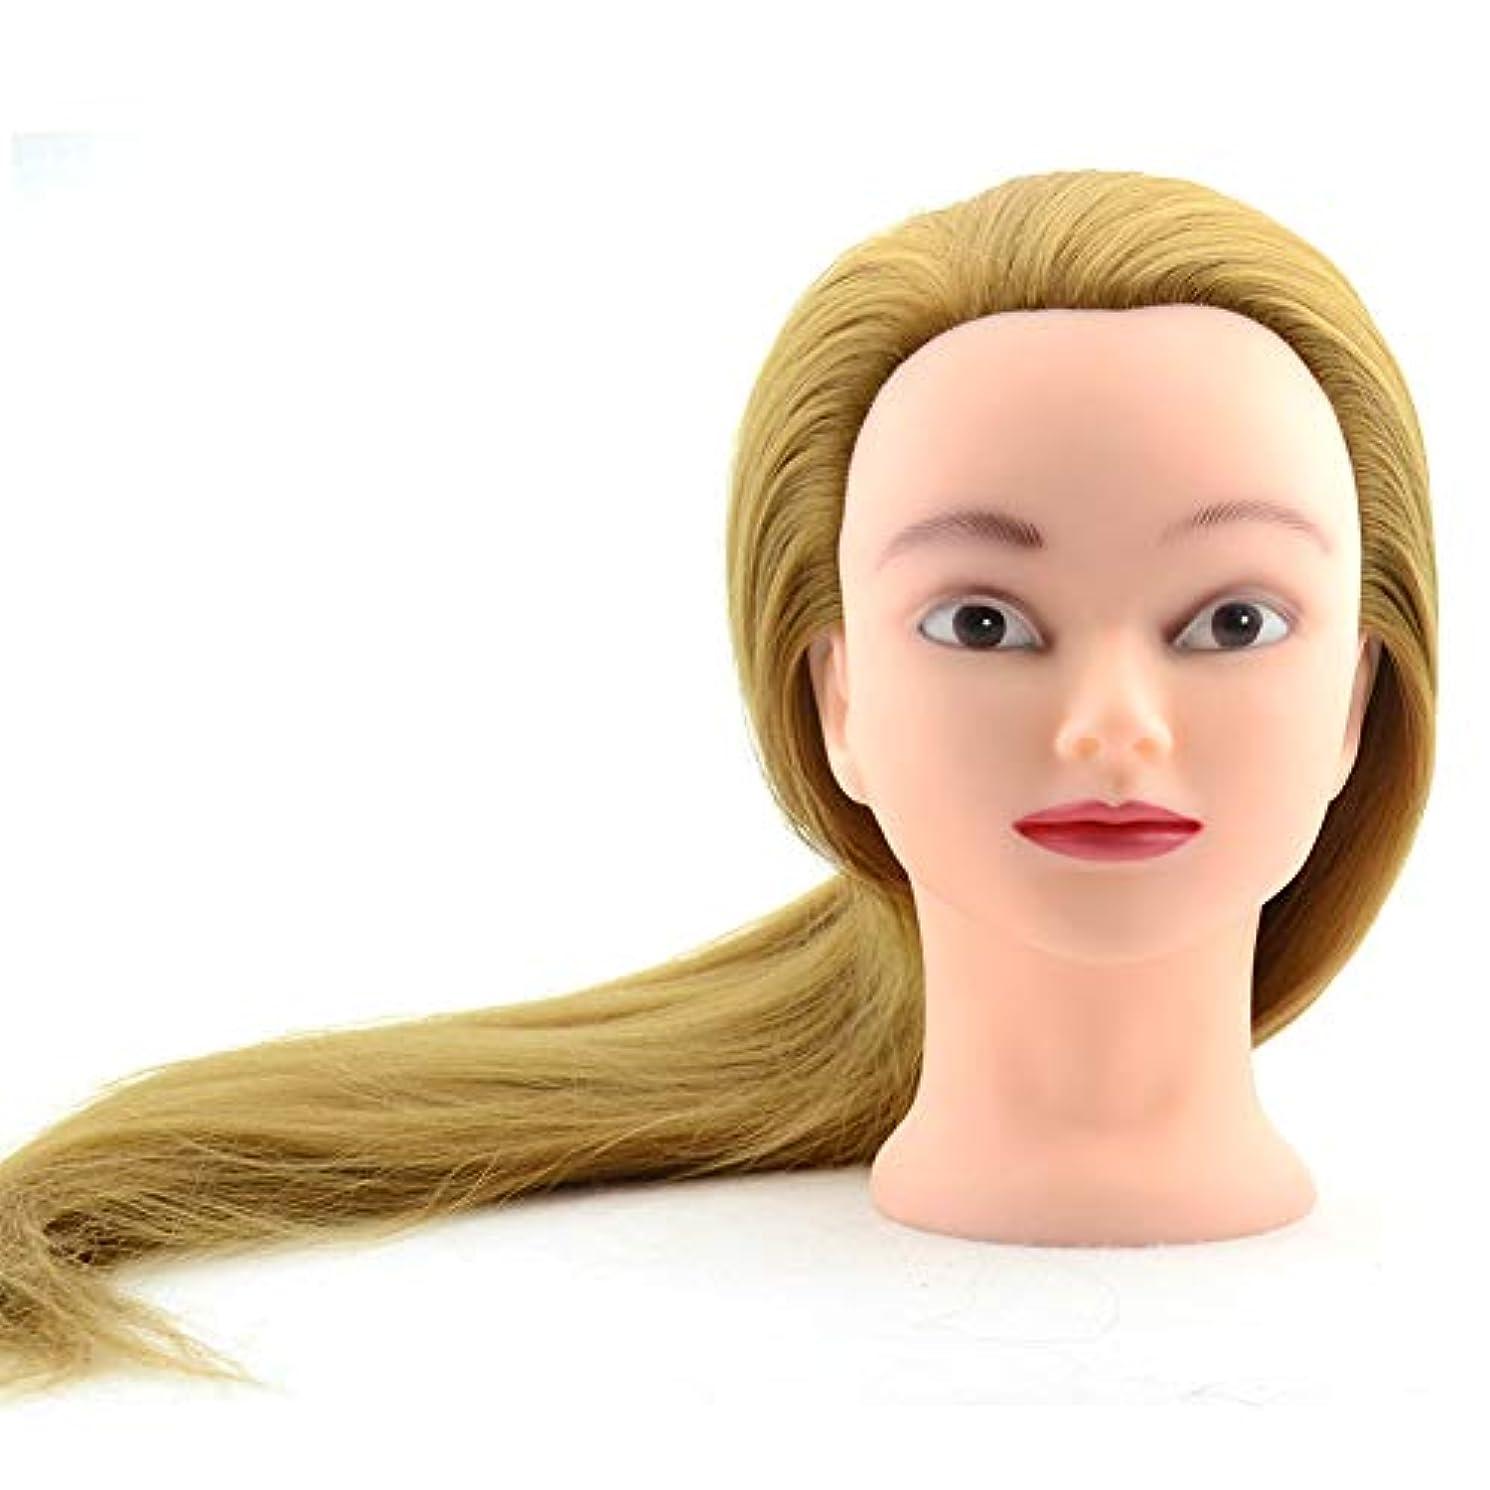 多様体慢性的パンチ化学繊維ウィッグモデルヘッド理髪店学習ゴールデンヘアーダミーヘッドブライダルメイクスタイリングエクササイズヘッドモード